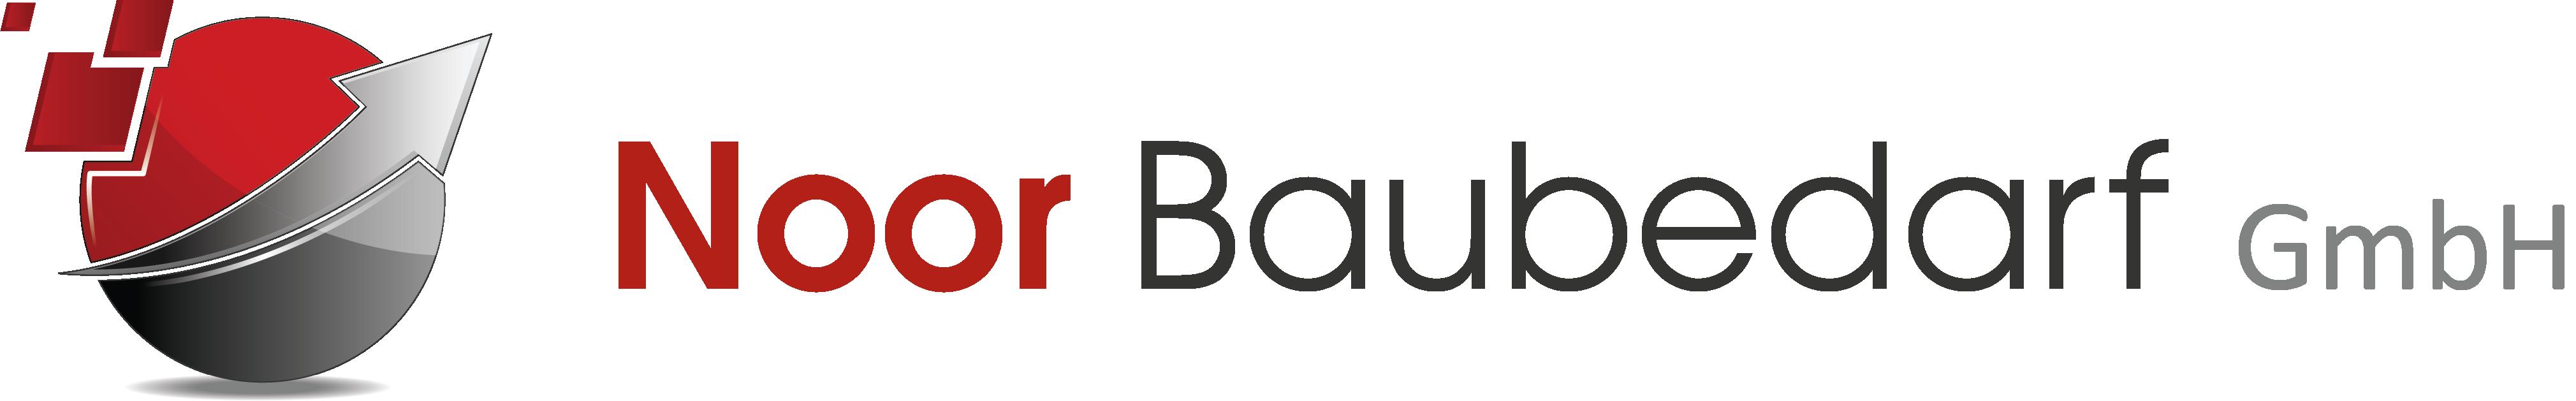 Noor Baubedarf GmbH